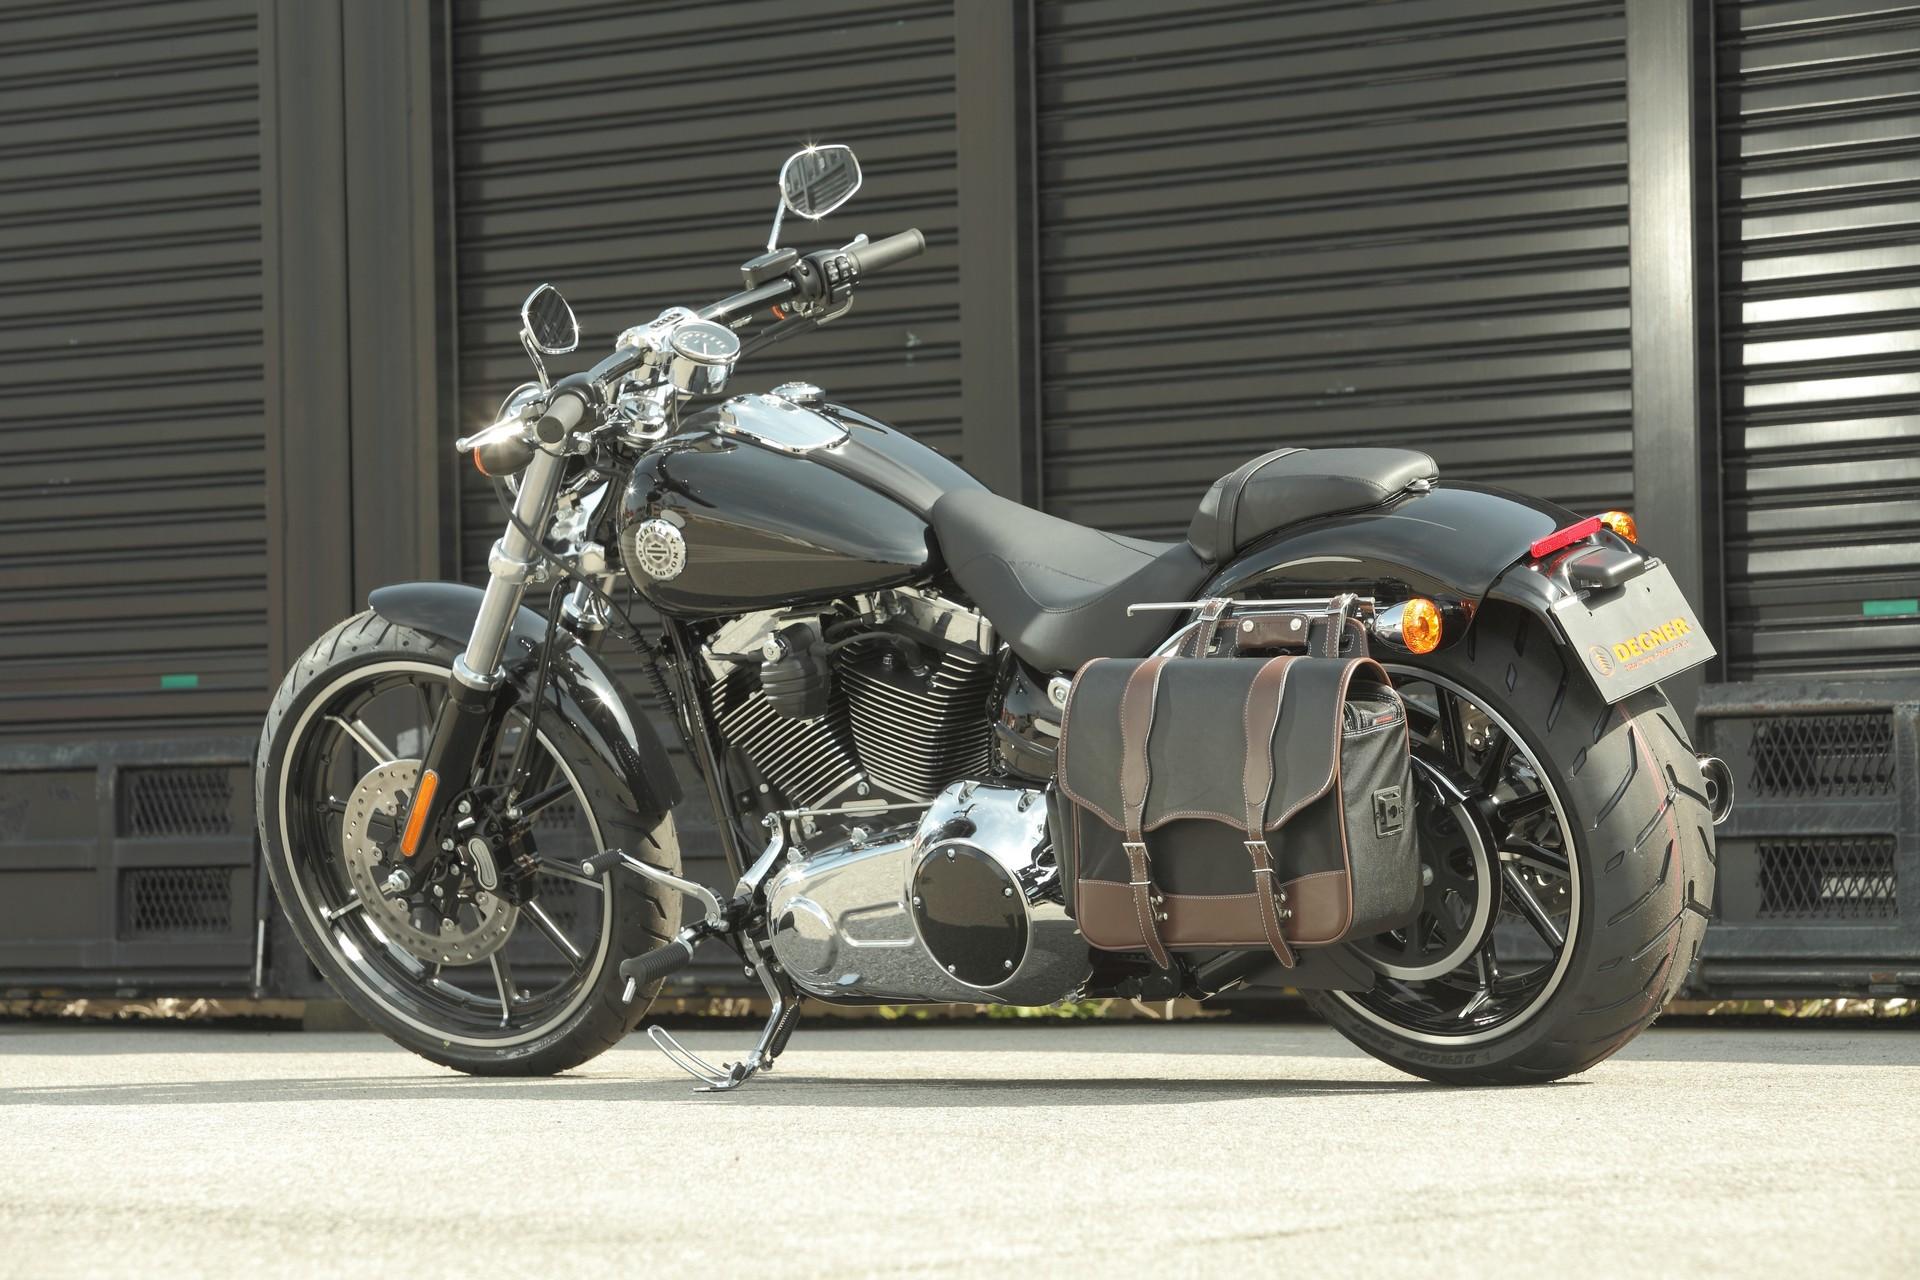 ツーリングなどで大活躍!バイクのサドルバッグを集めてみました!のサムネイル画像